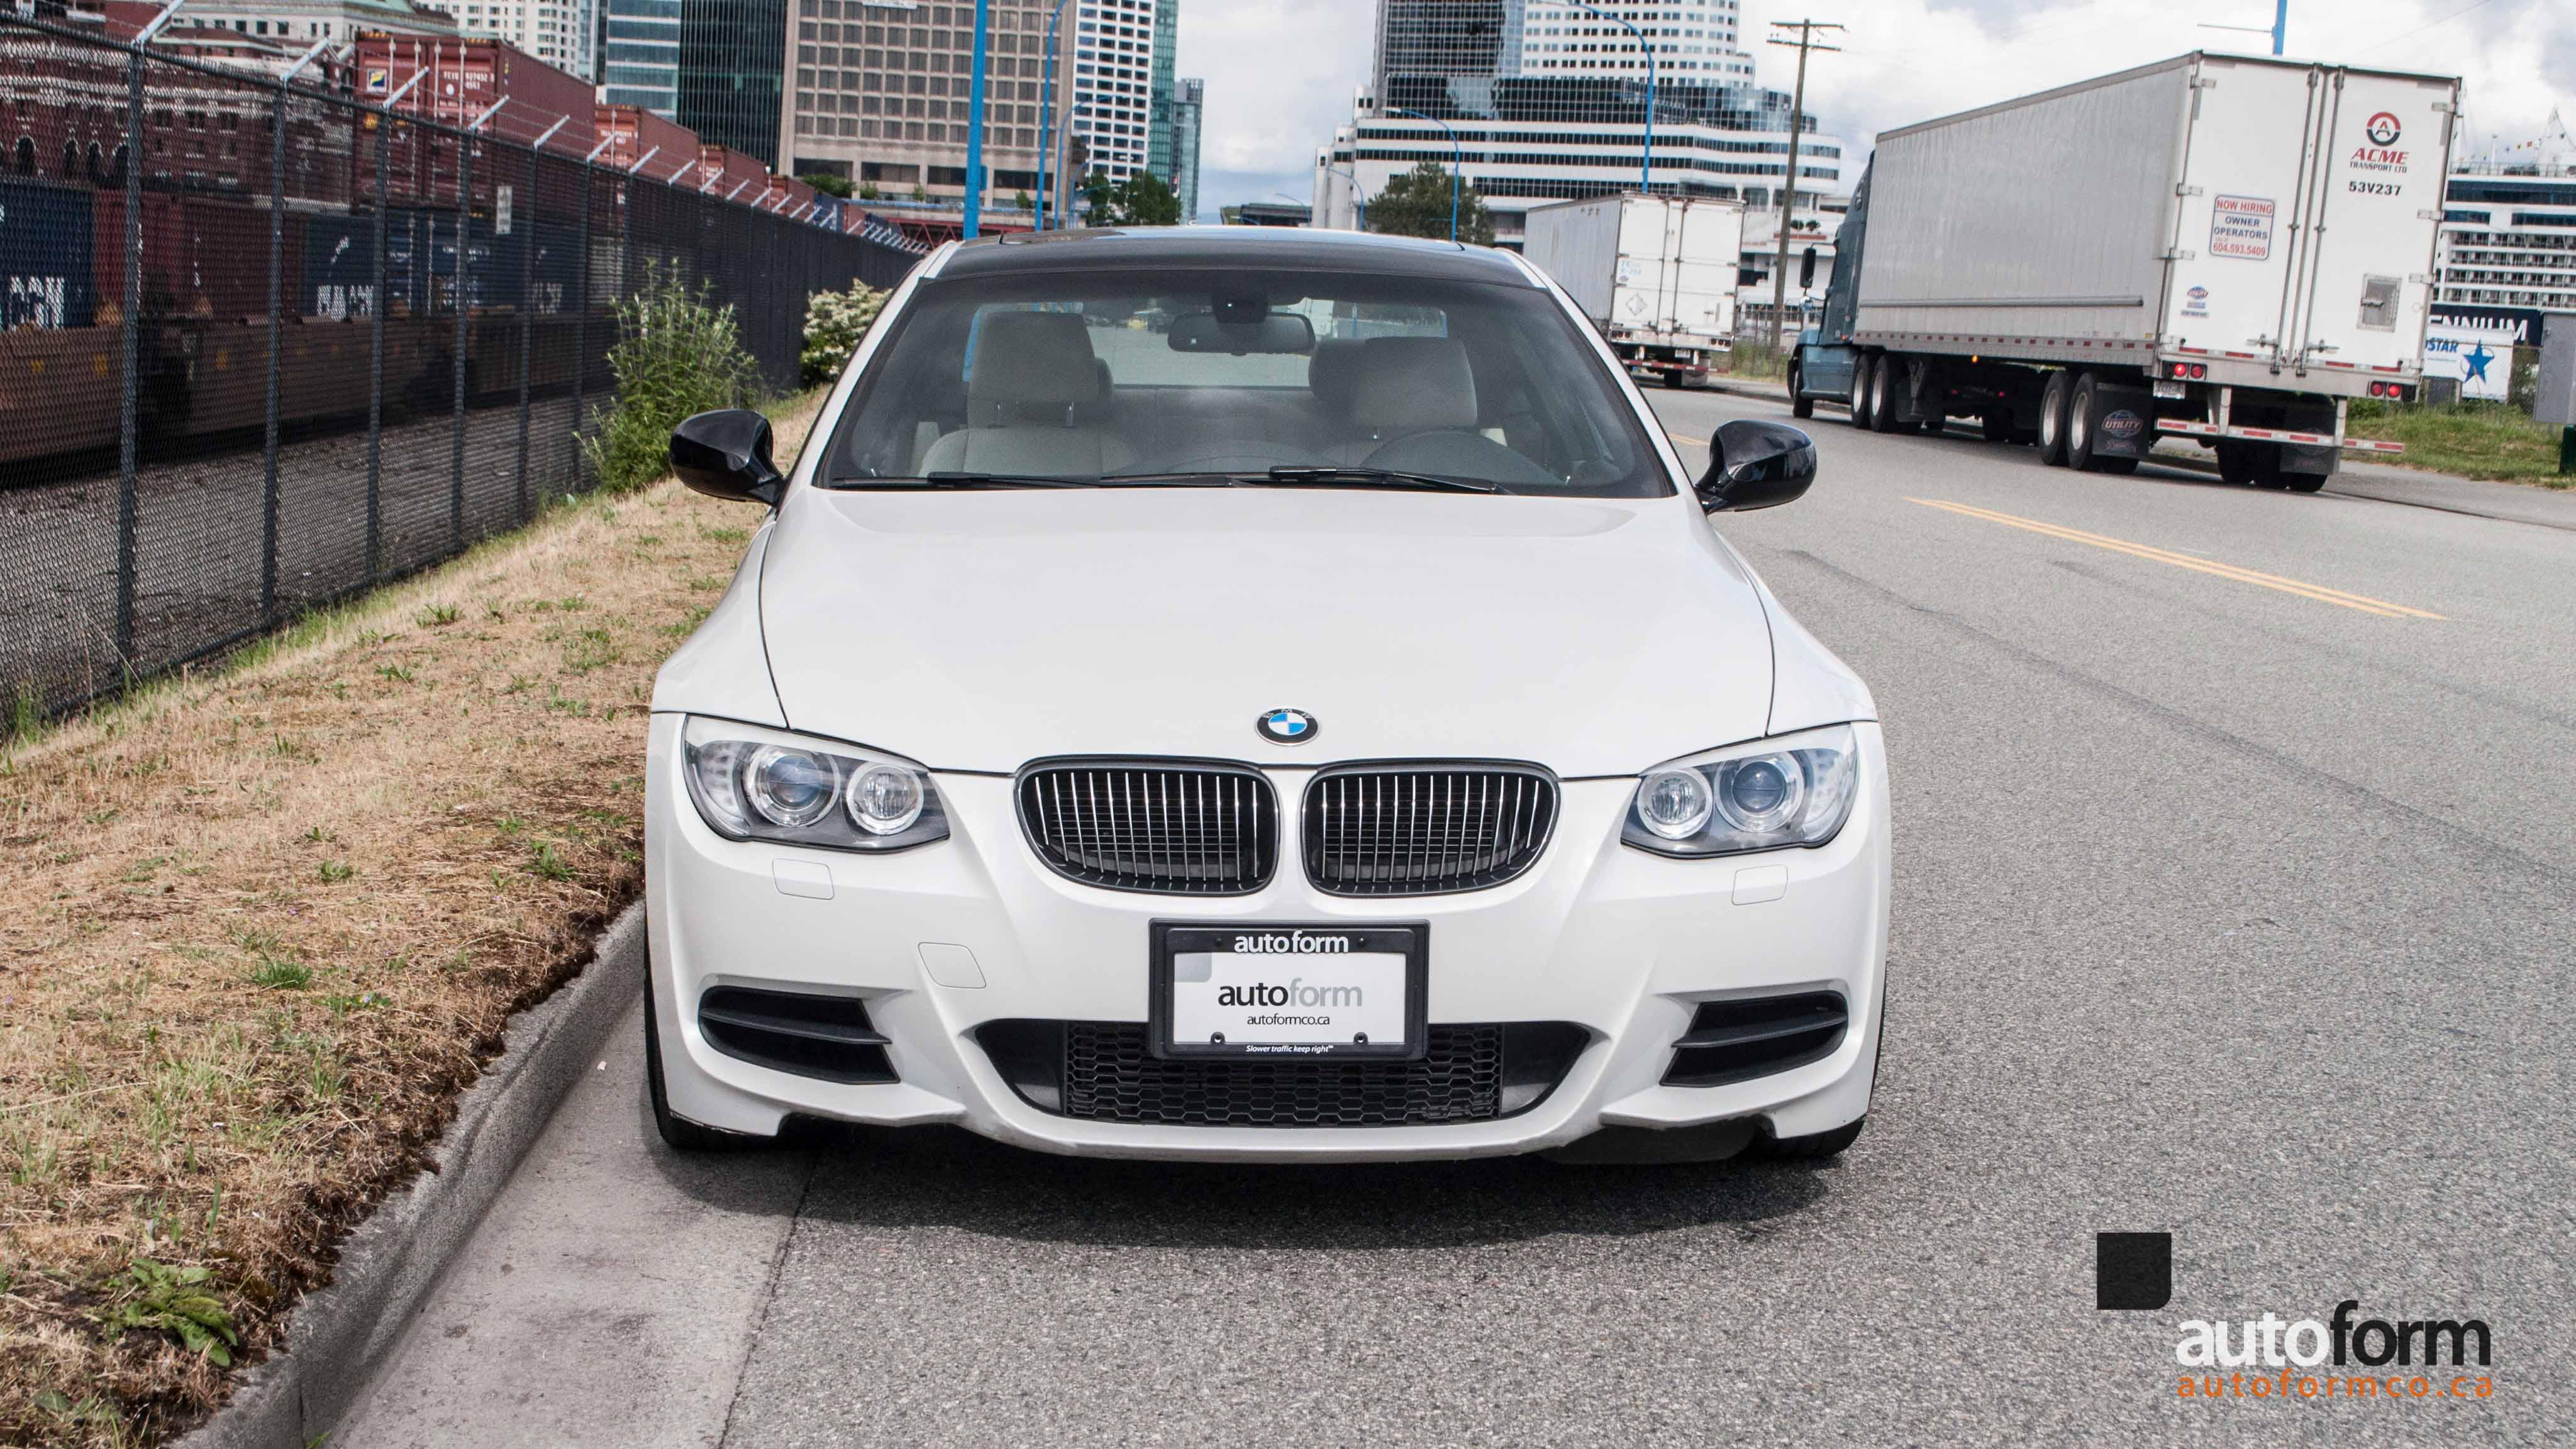 BMW Is Autoform - 2012 bmw 335is